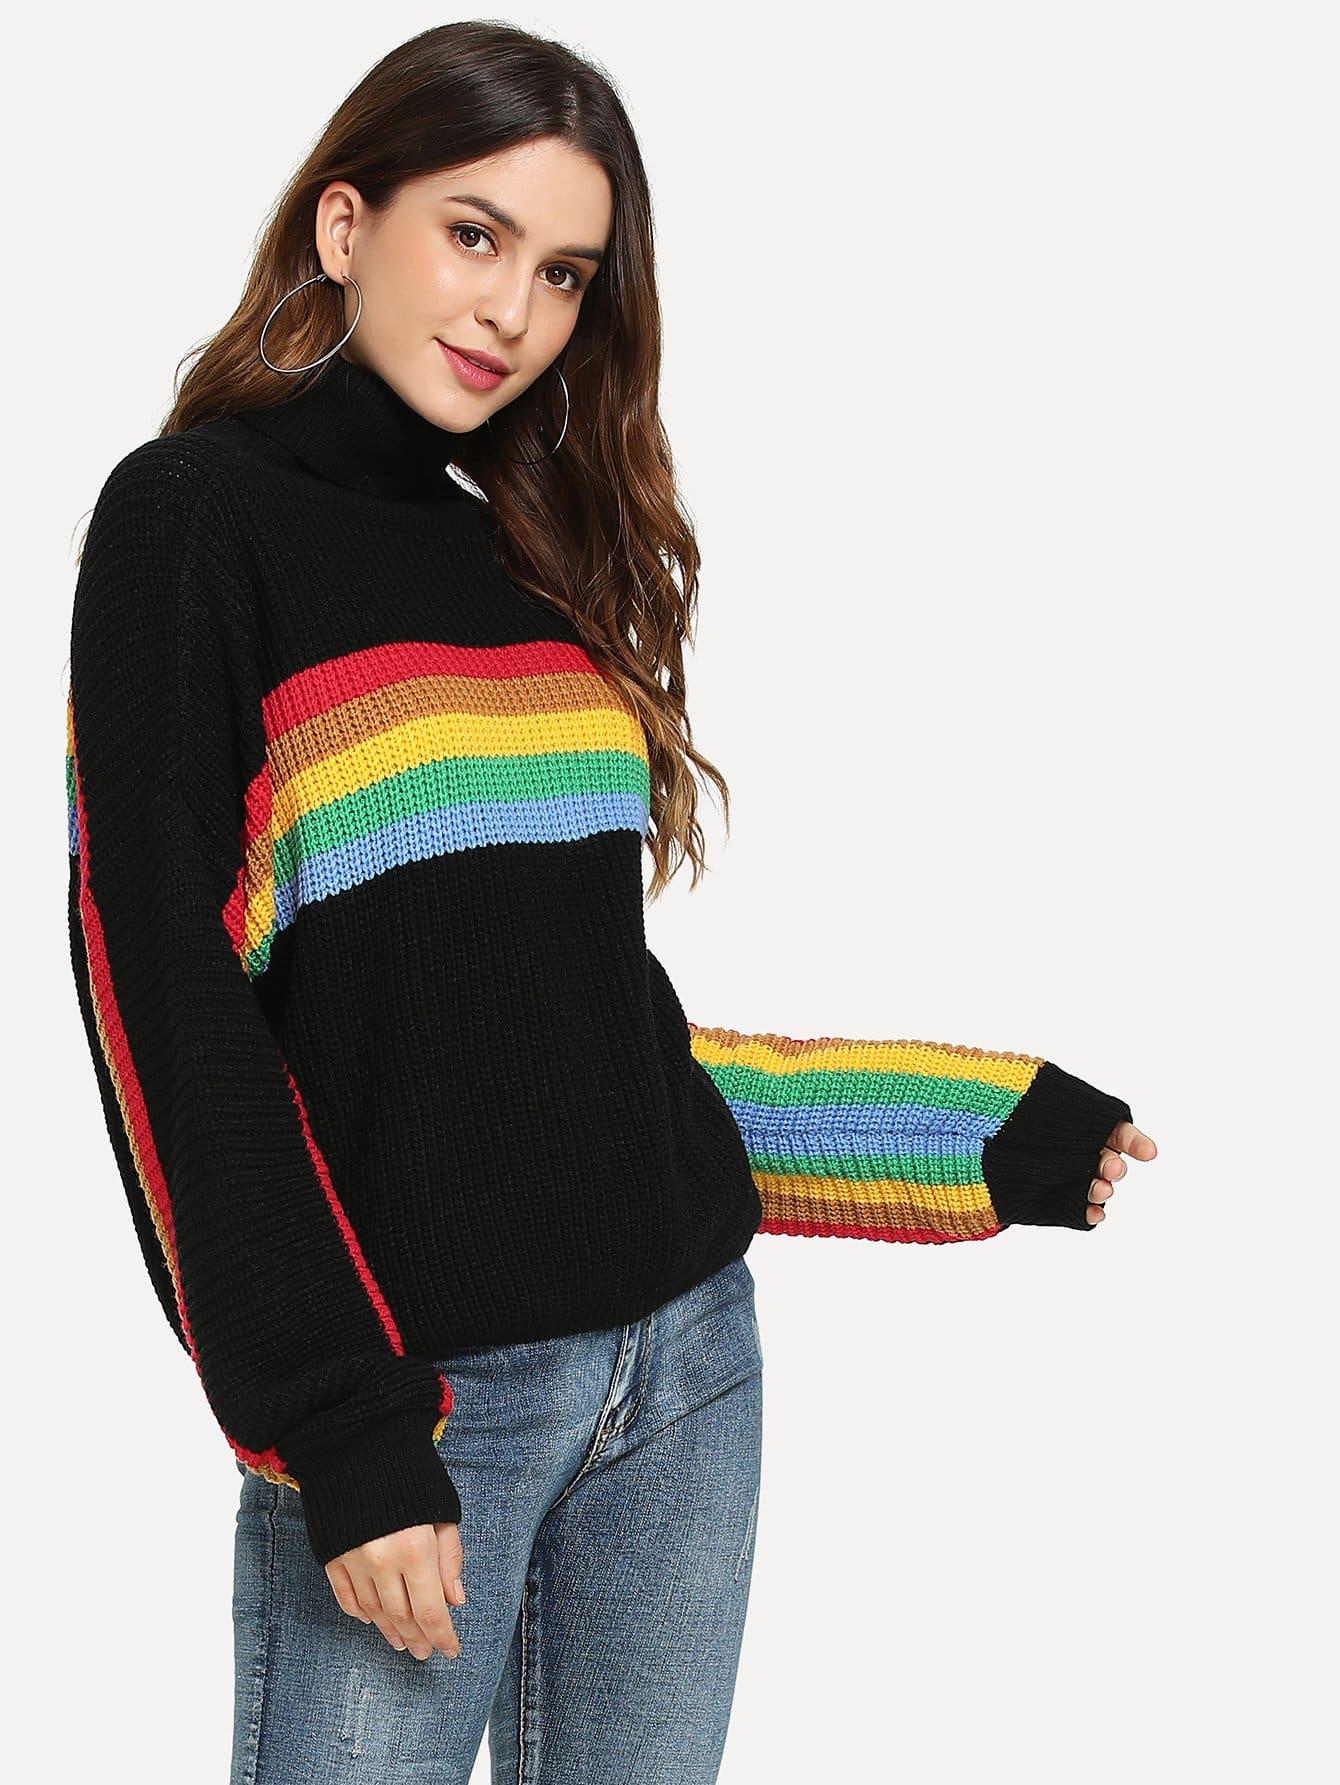 Купить Контратсный свитер с высоким вырезом, Jana, SheIn